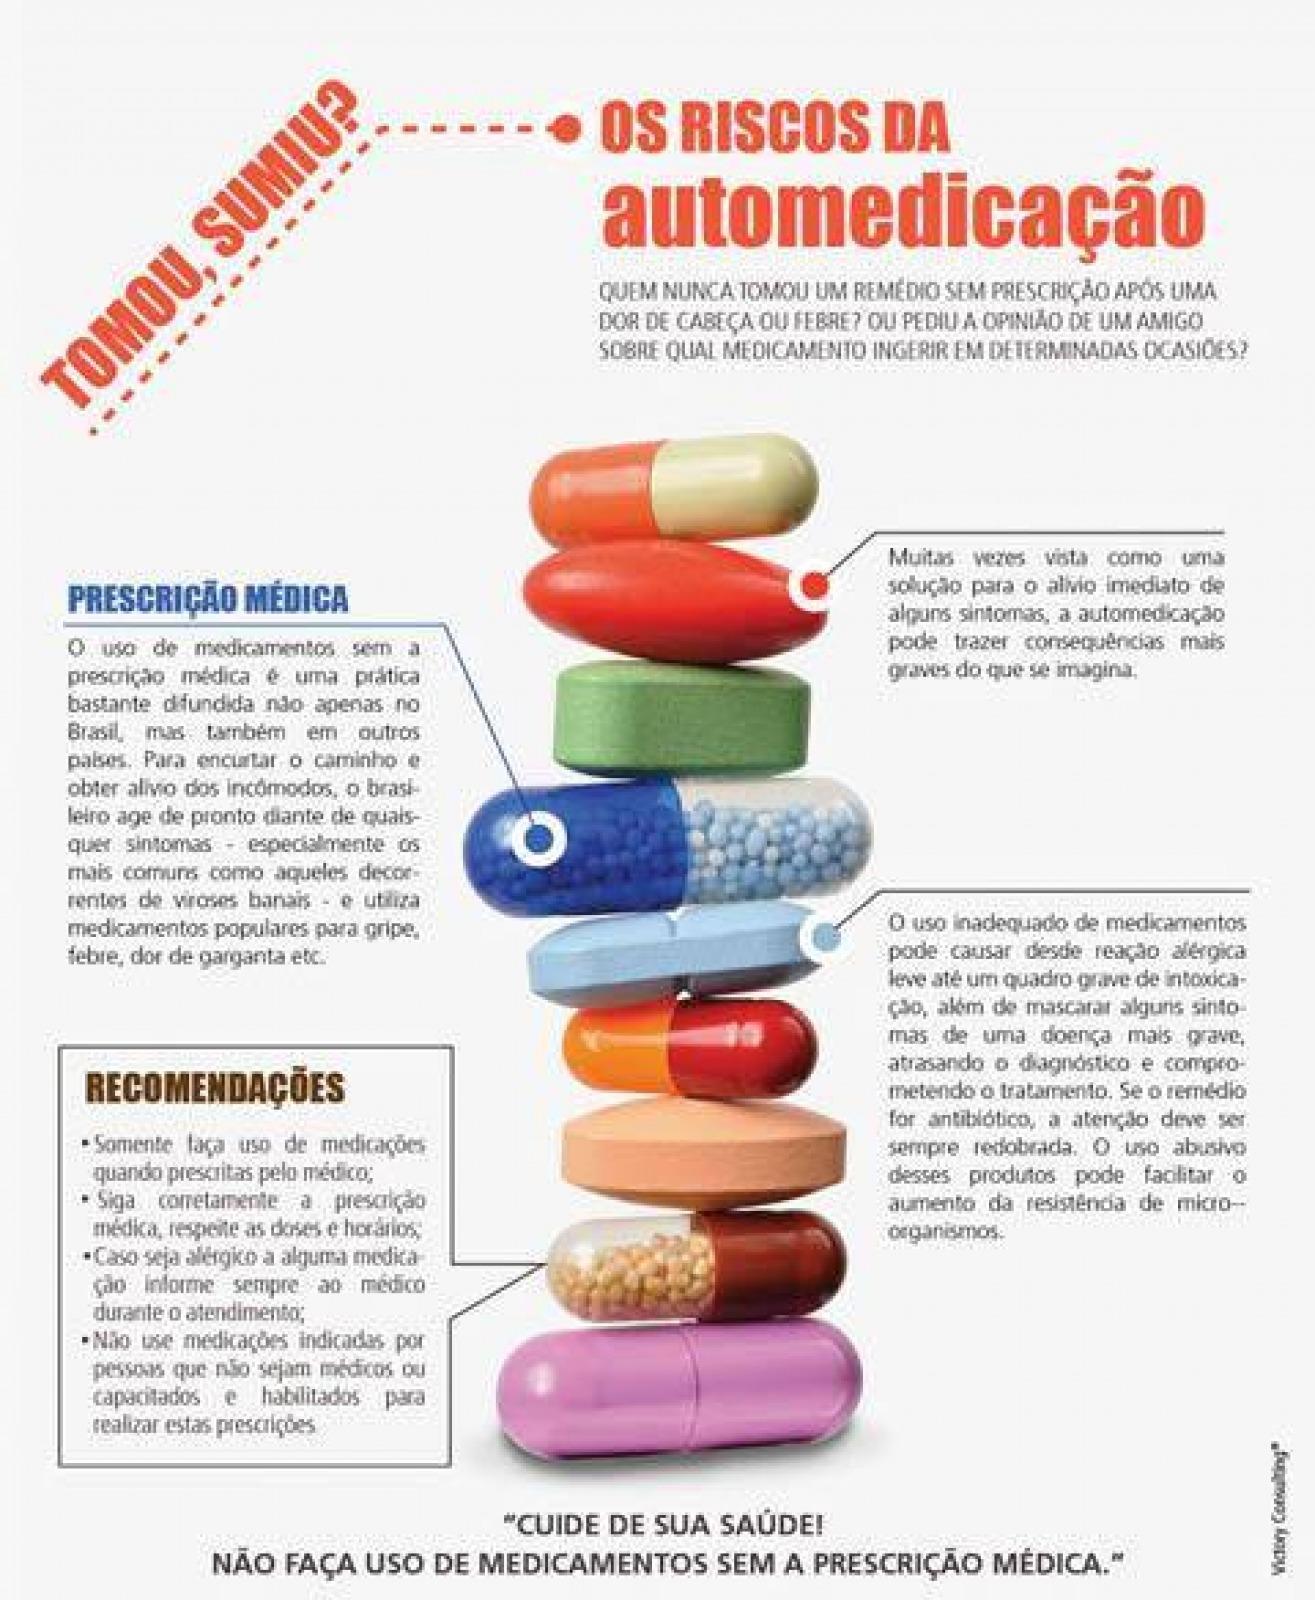 DICA 4: Não se automedique